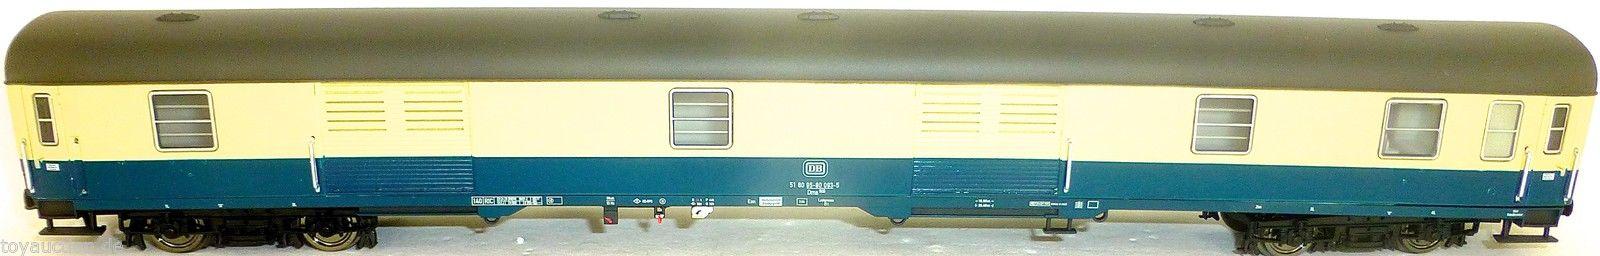 heris-11065-dms-905-gepaeckwagen-4-rolltueren-o-b-ep-iv